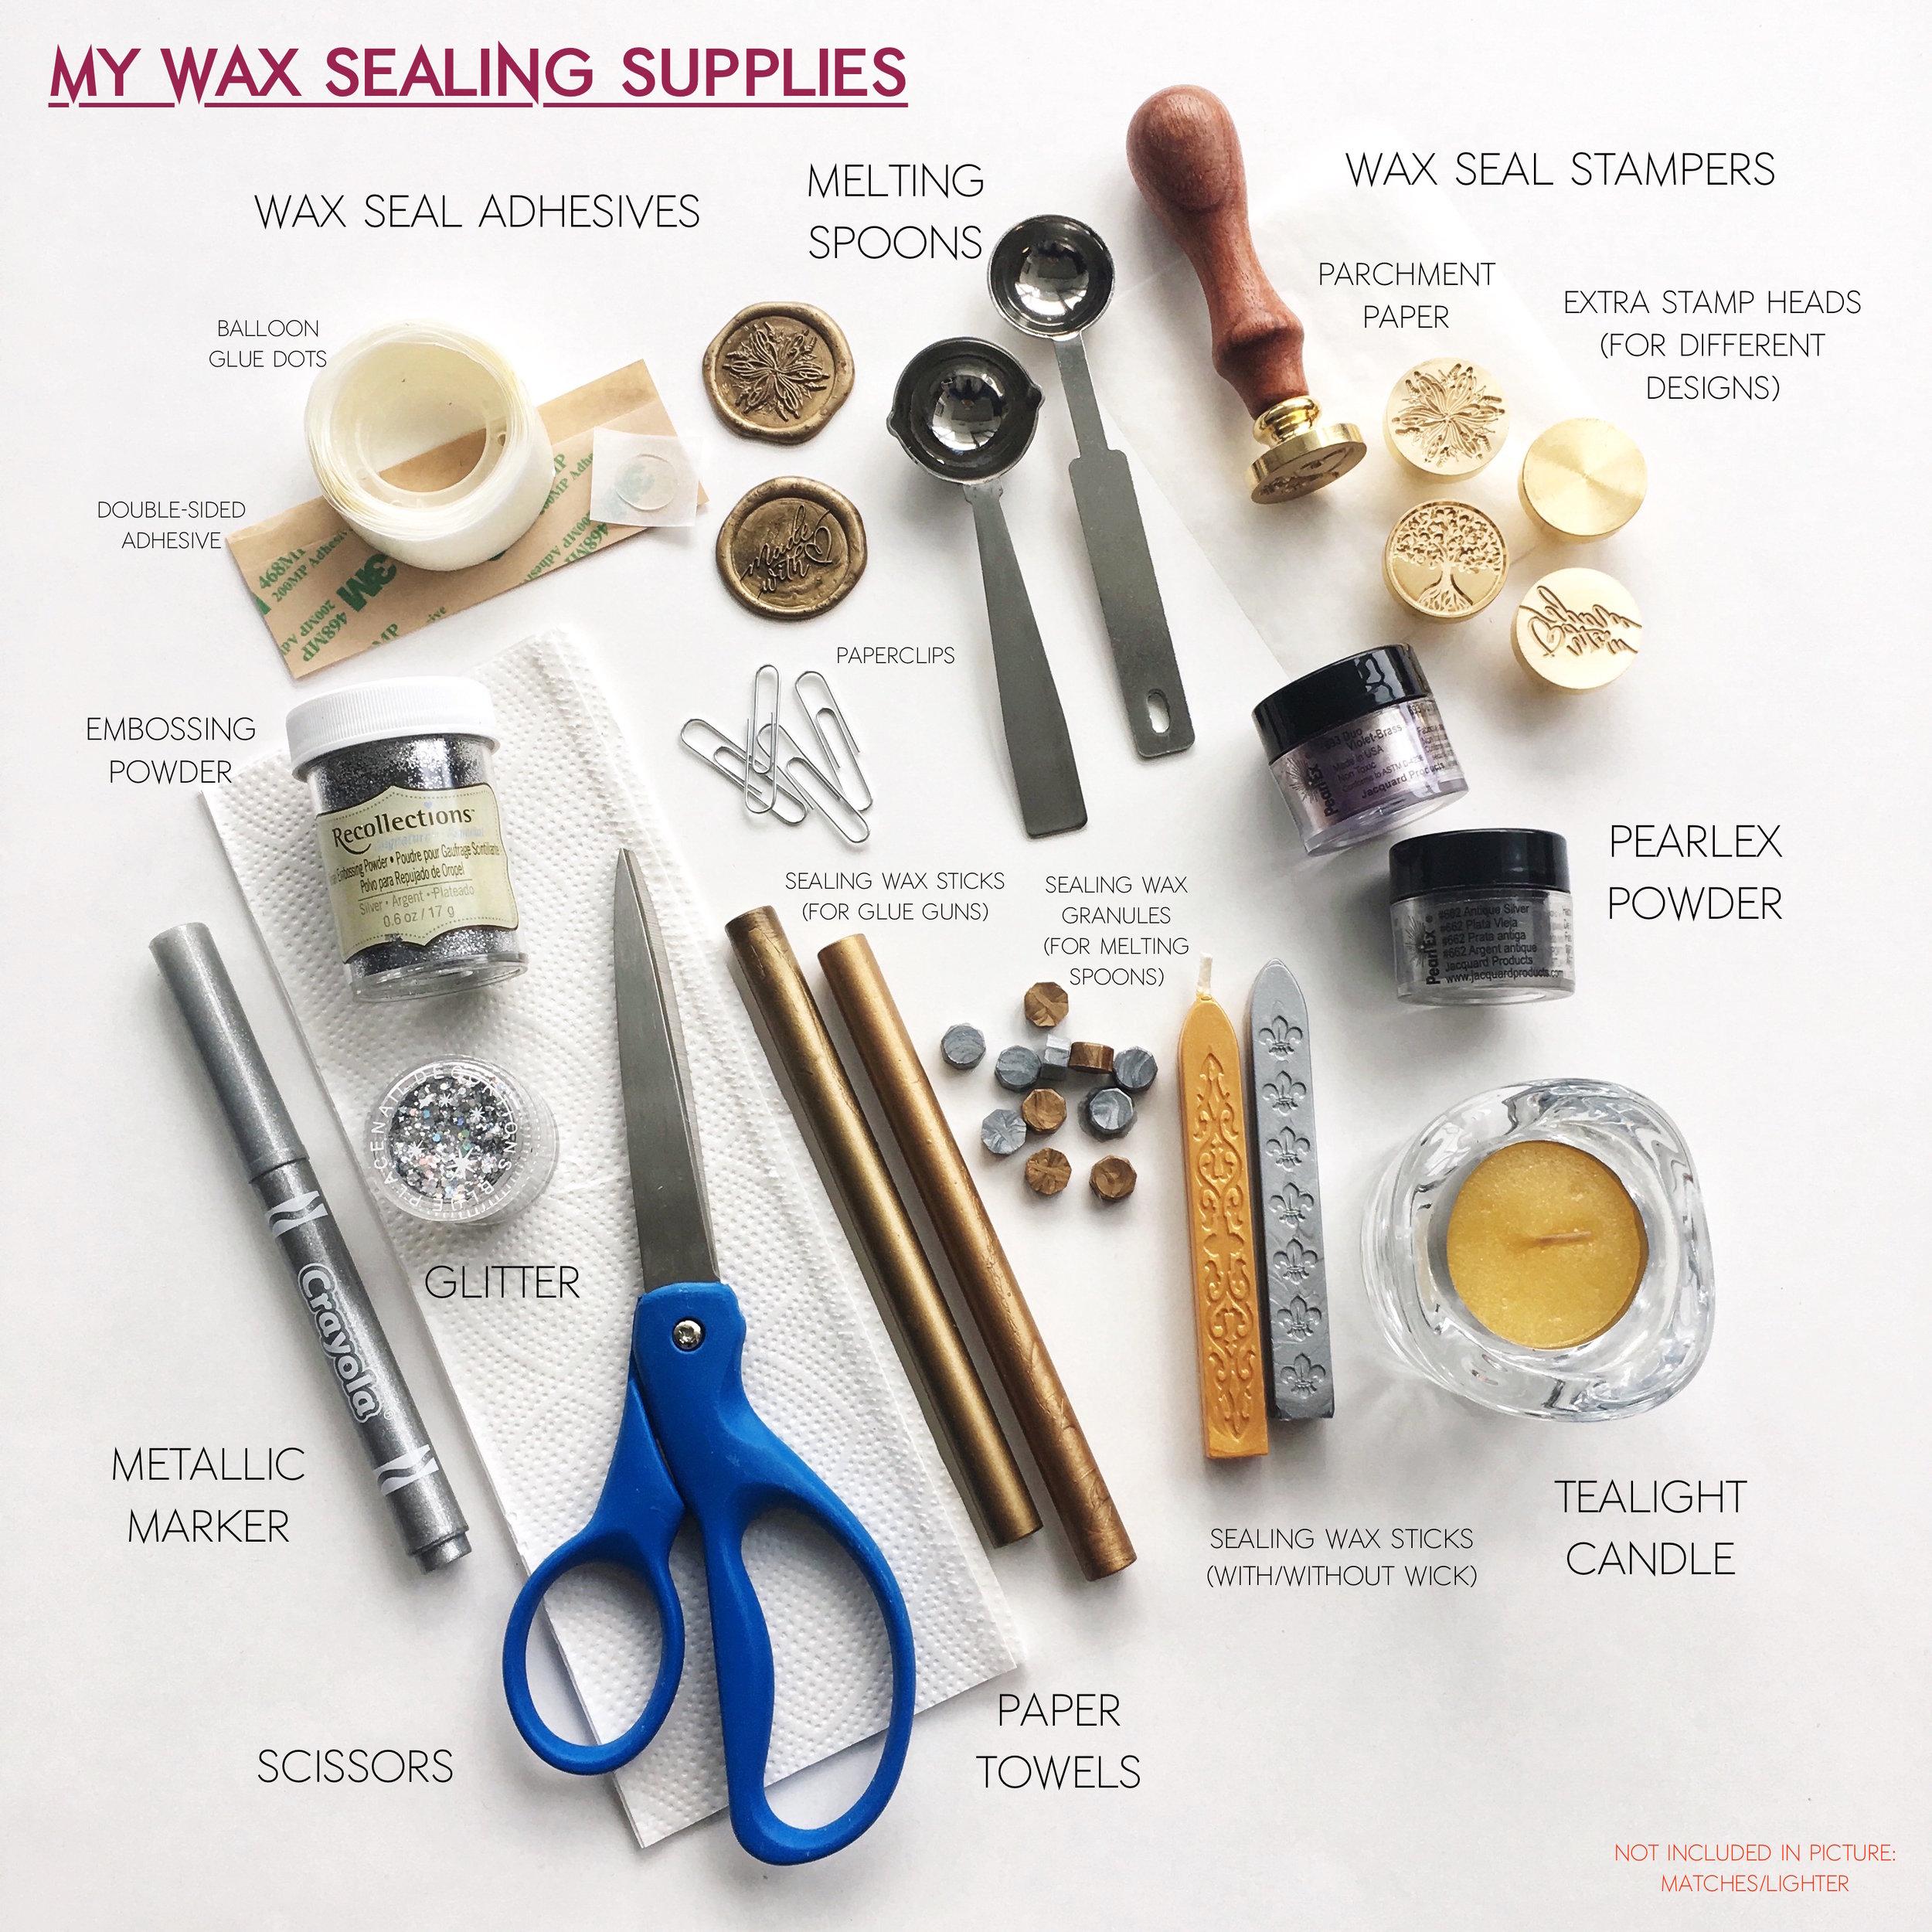 Wax Seal Supplies_Labelled.jpg